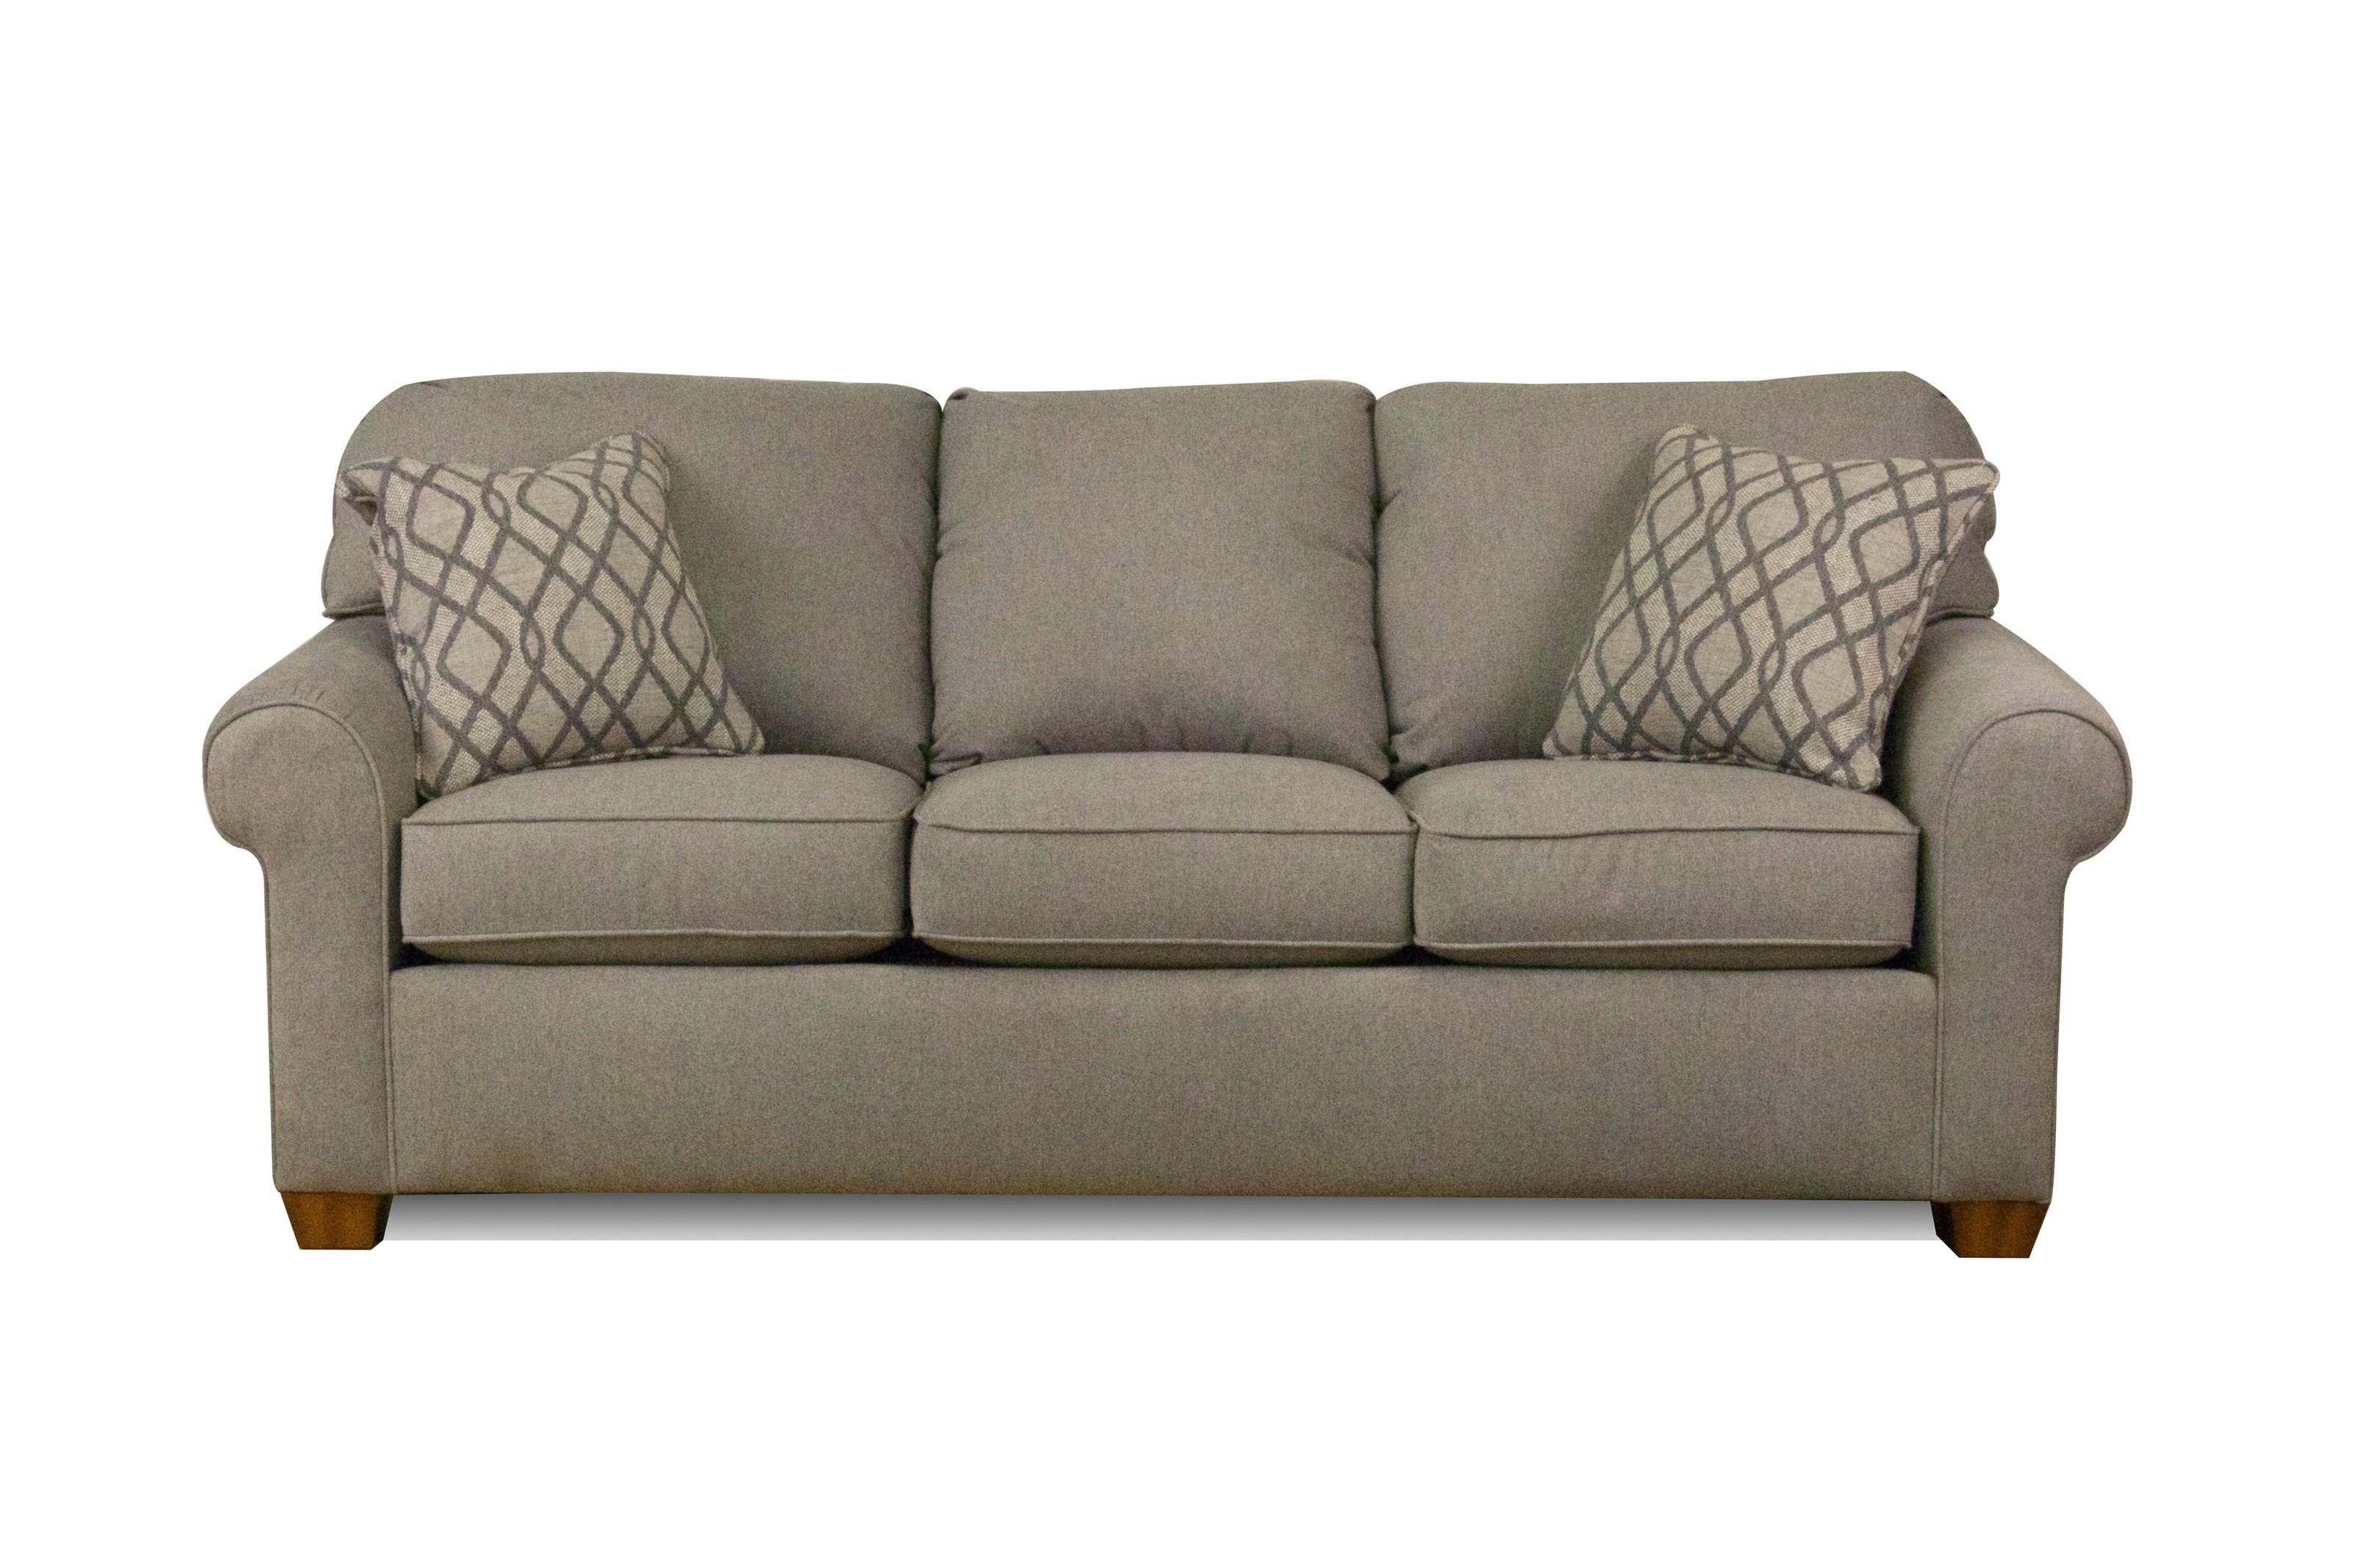 Flexsteel Thornton  Stationary Sofa - Item Number: 1753-S